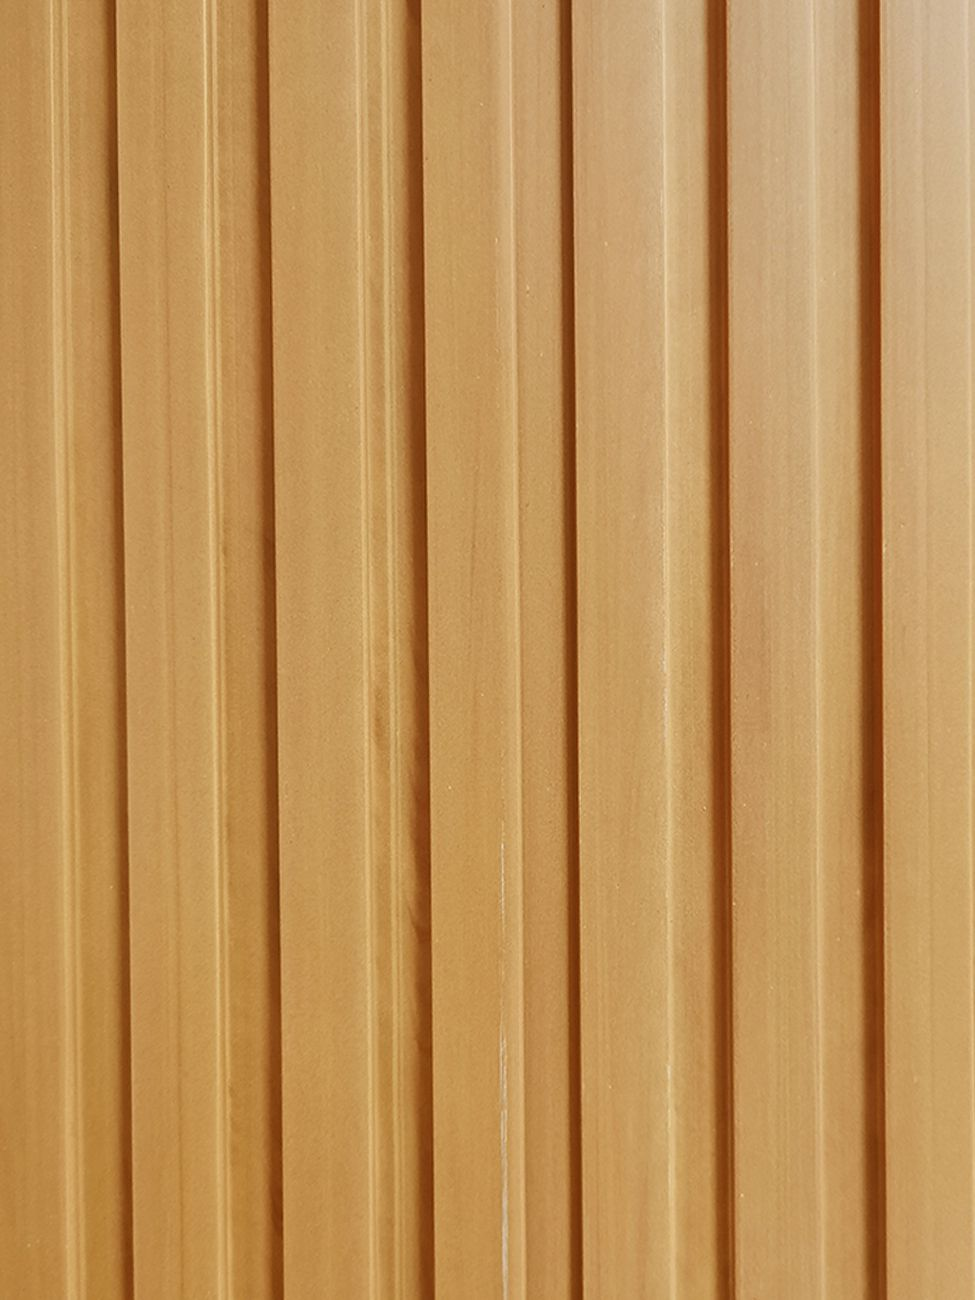 Painel Ripado Ecológico RENO Grapia - Novidade placa com 0,46m²